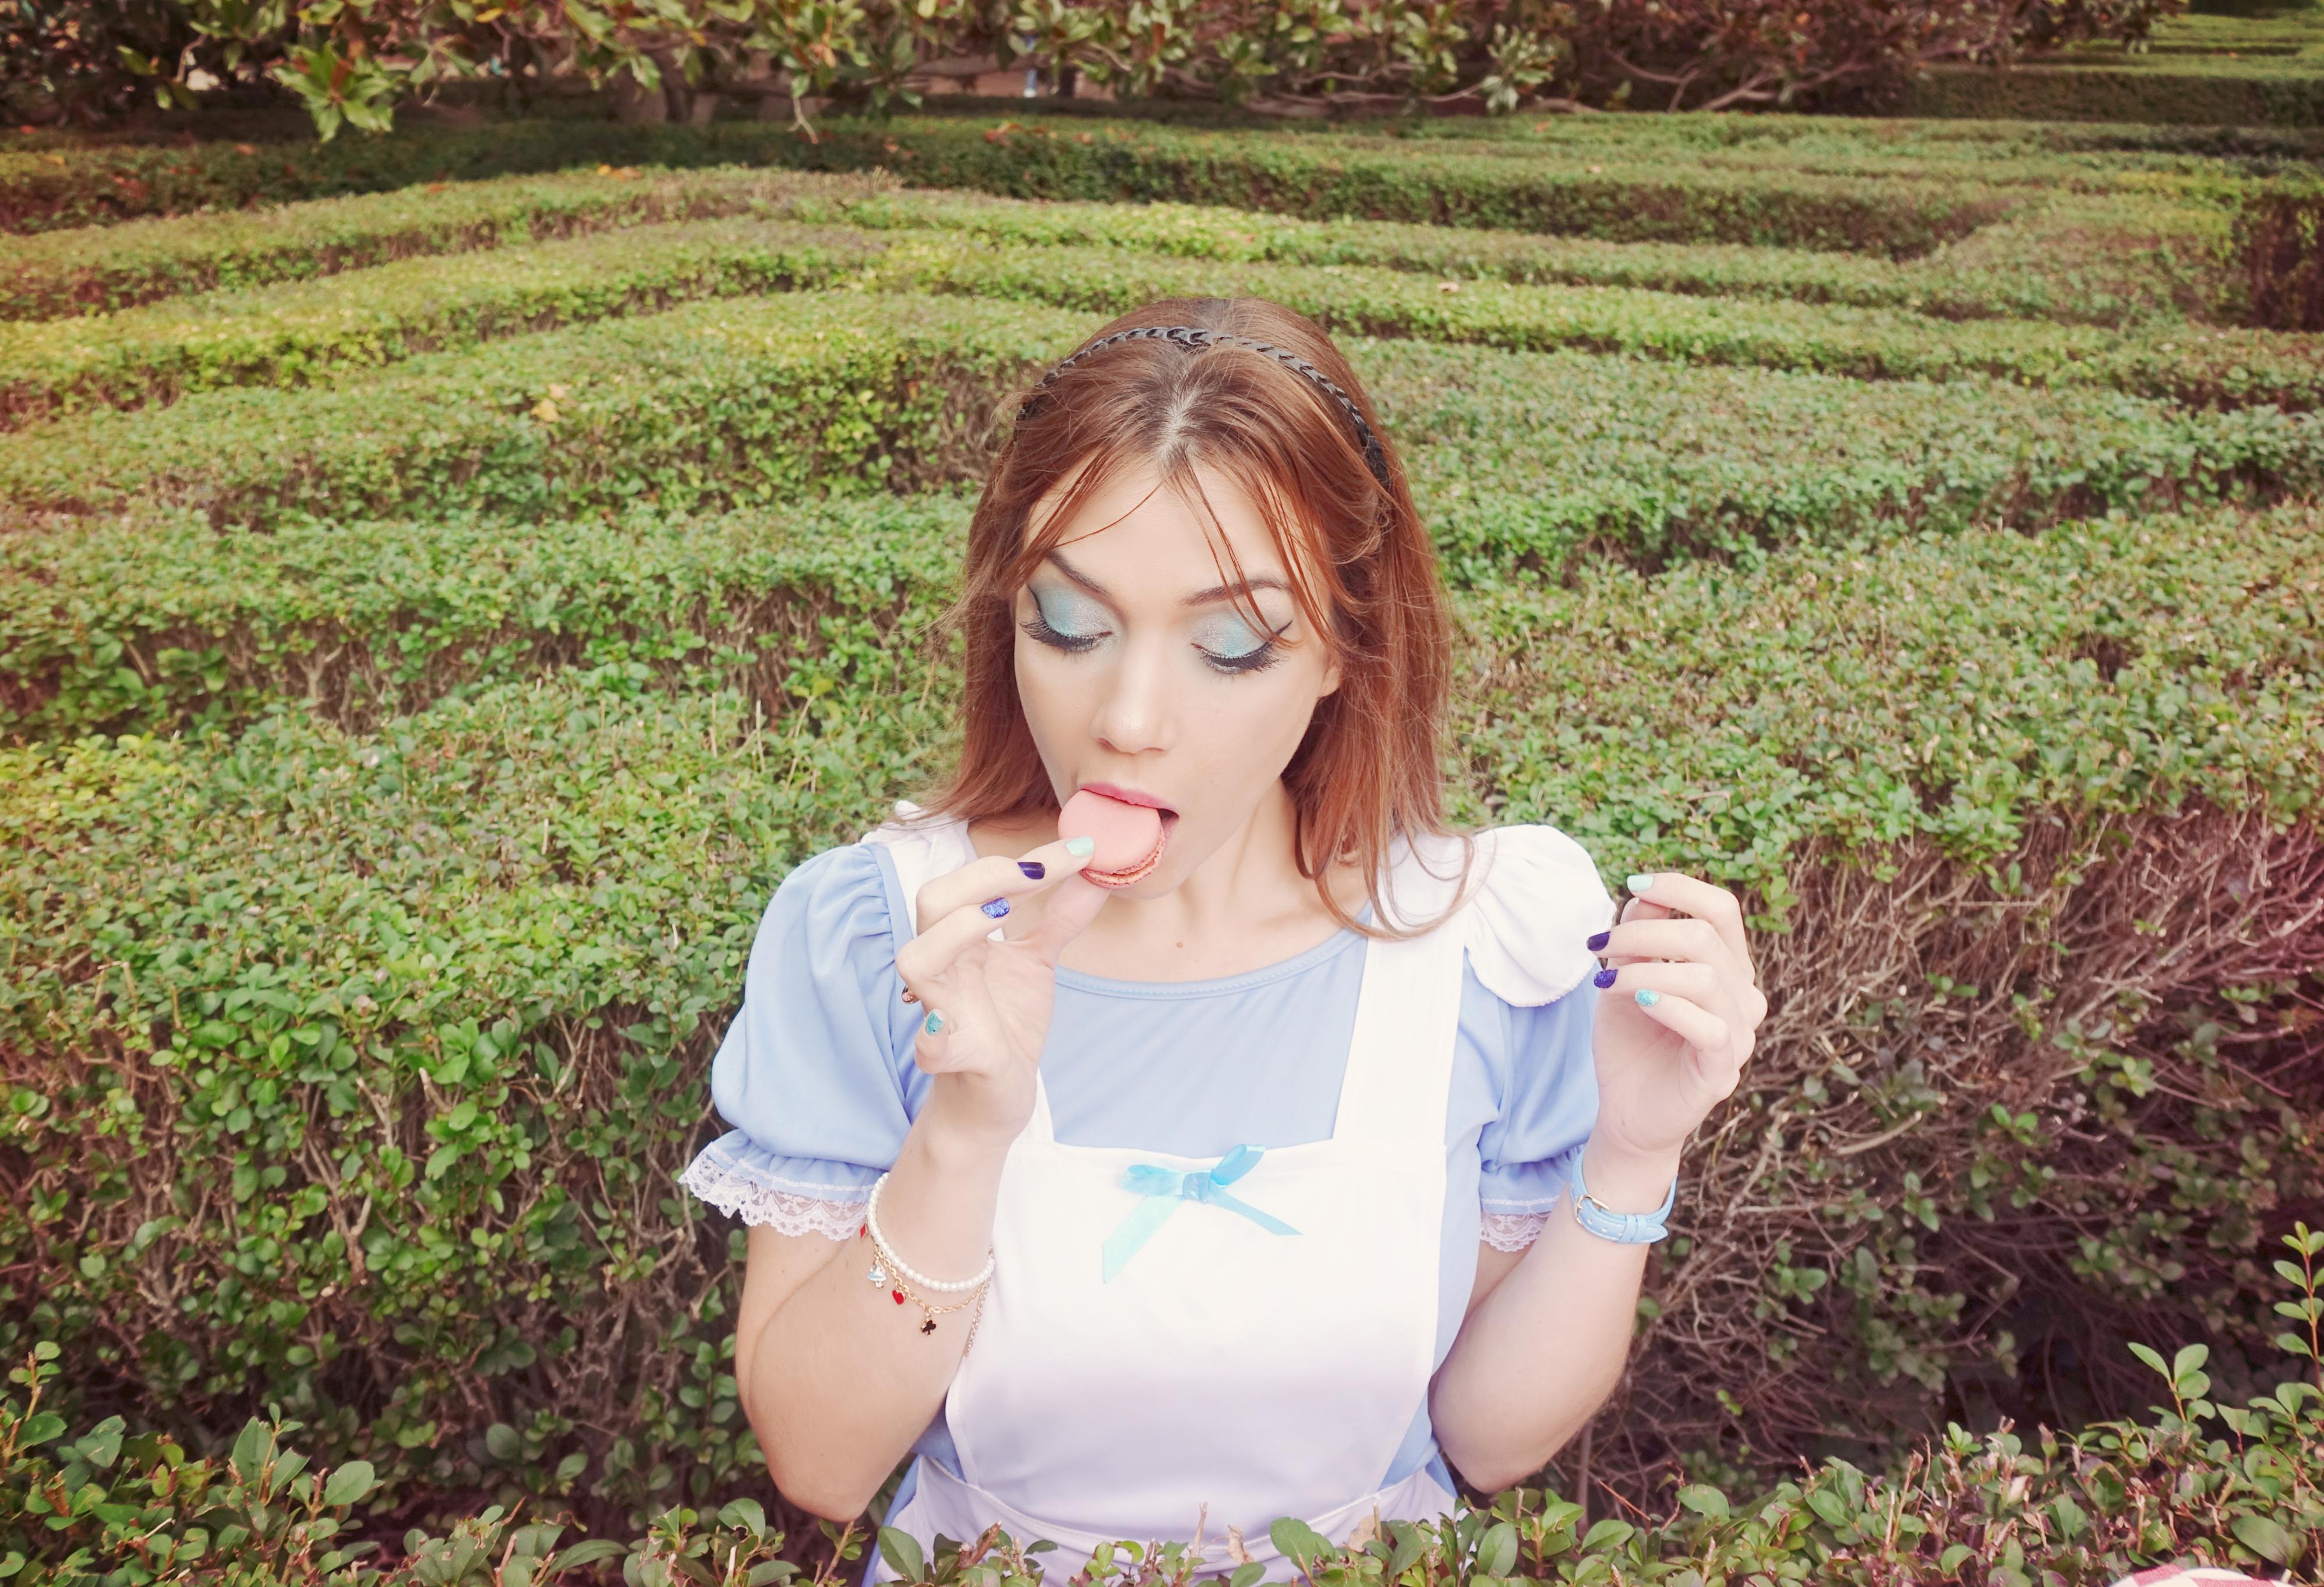 Disfraces-faciles-para-halloween-blog-de-moda-ChicAdicta-influencer-PiensaenChic-aliciaenelpaisdelasmaravillas-Chic-adicta-madrid-Piensa-en-Chic